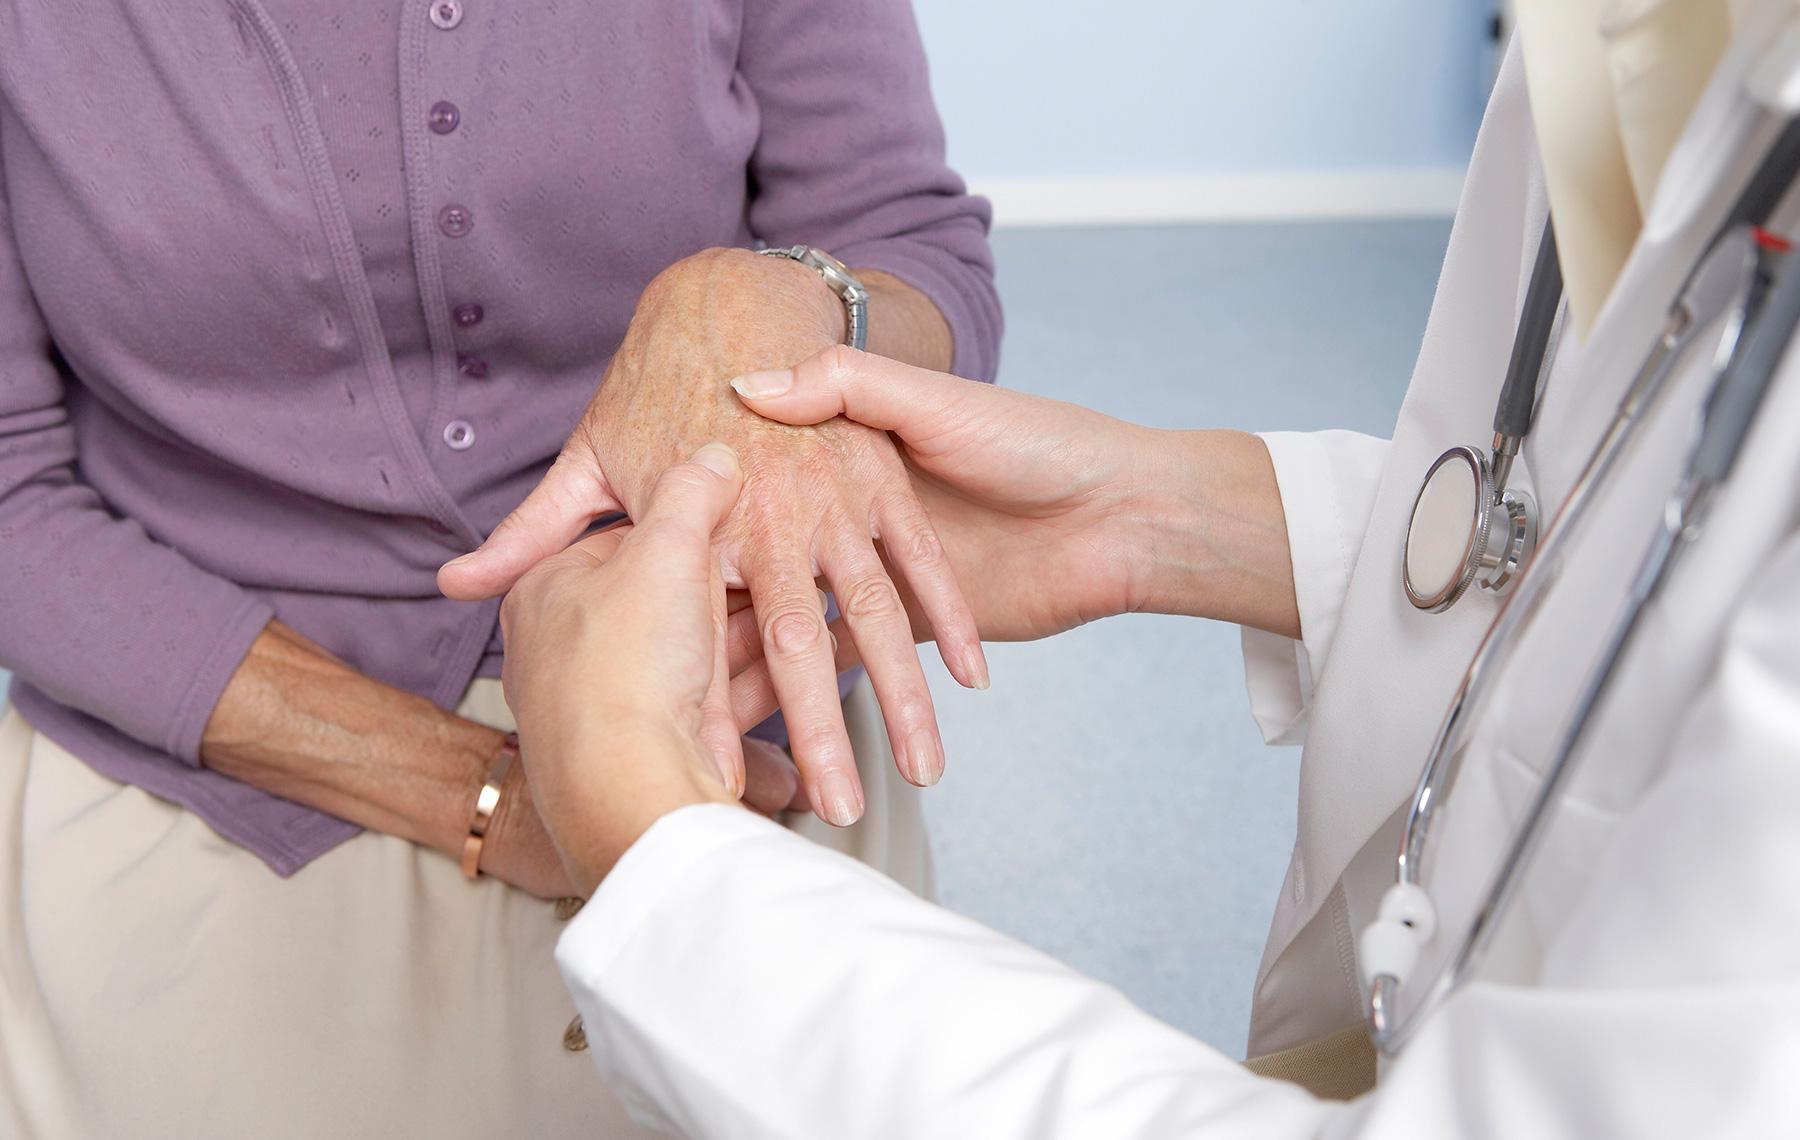 Hands senior screenings